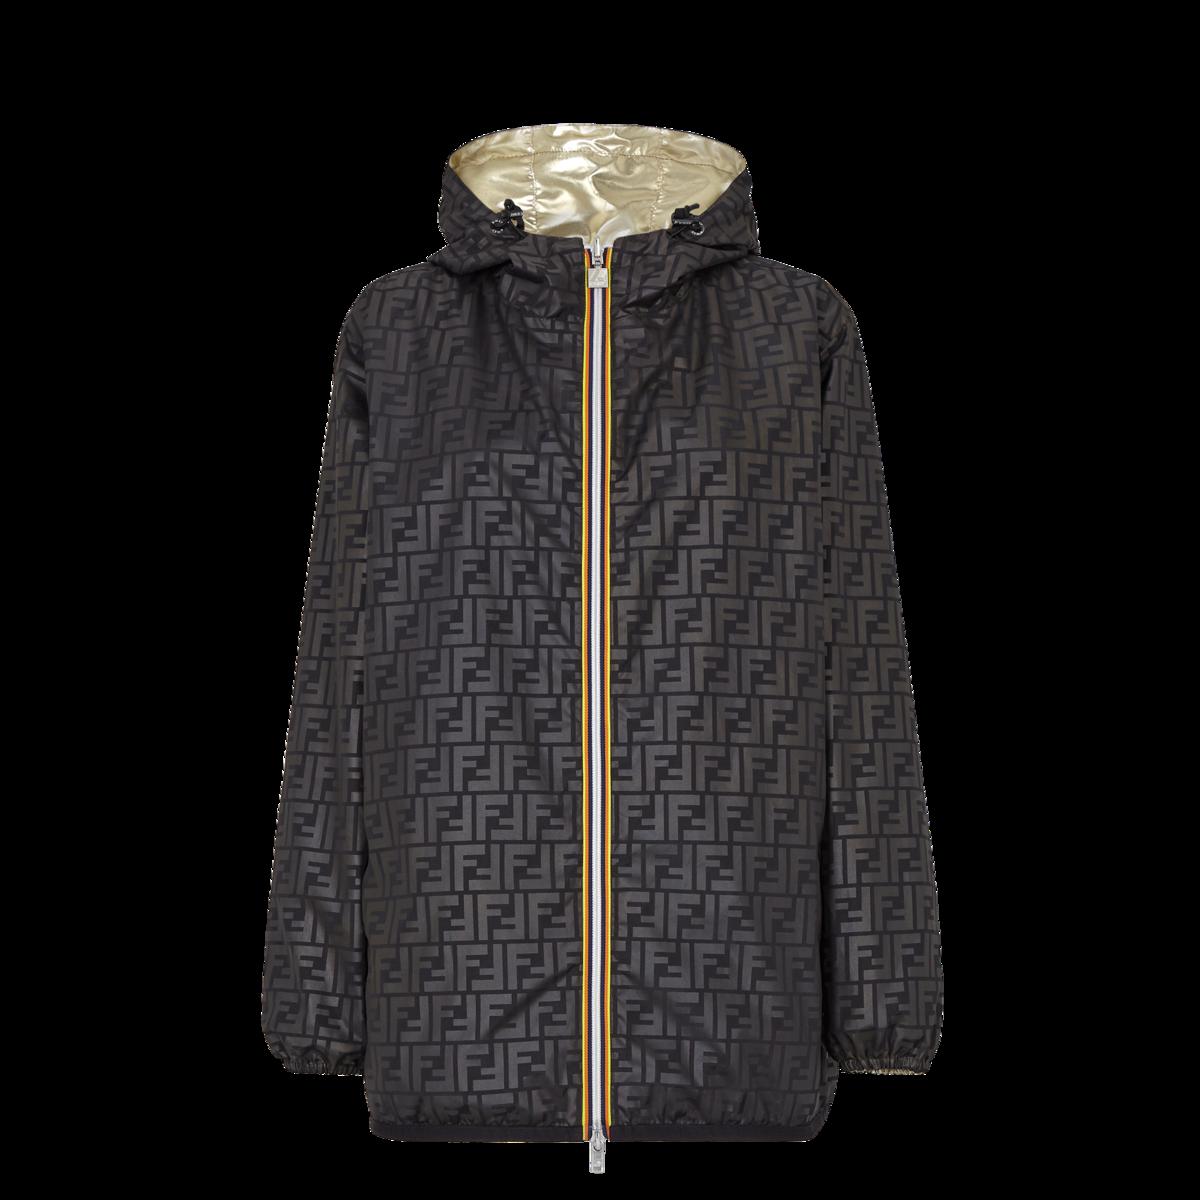 FENDI x K-Way 黑色 FF Logo 金色尼龍夾克Logo面 NT$60,900。(FENDI提供)